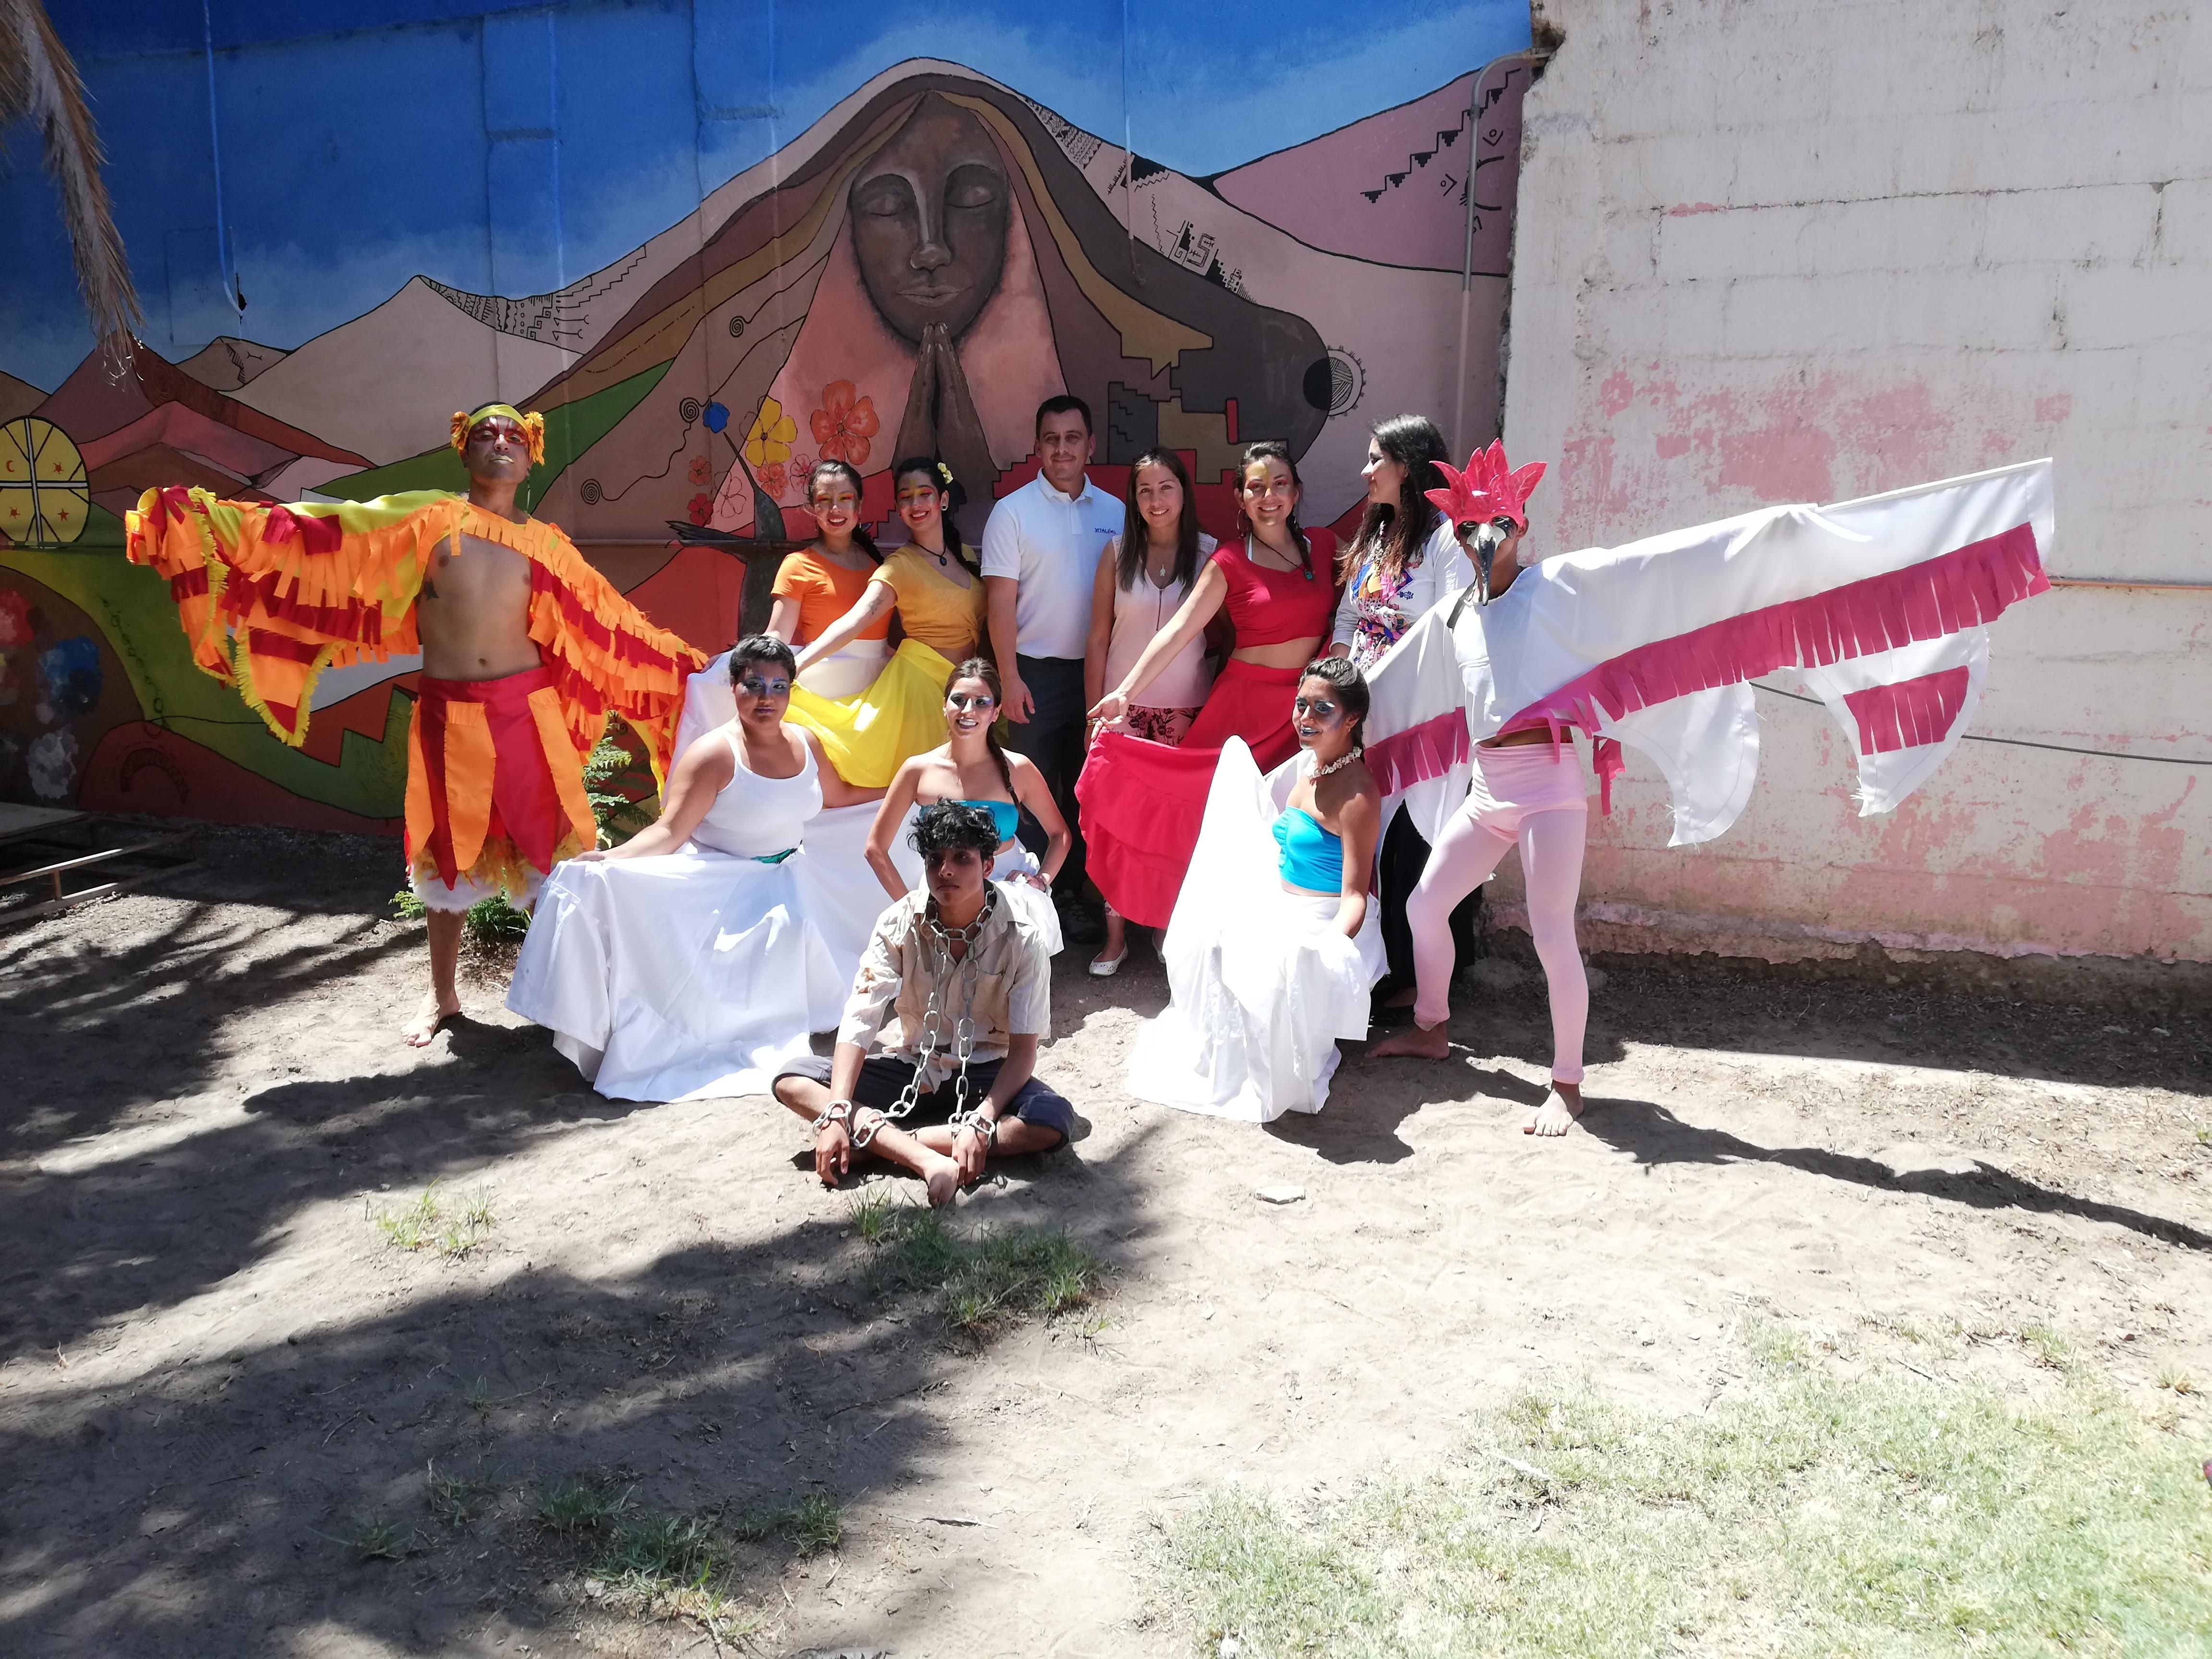 200 artistas llenarán de música y color Alto del Carmen, Frerina y Huasco con la Murga del Verano